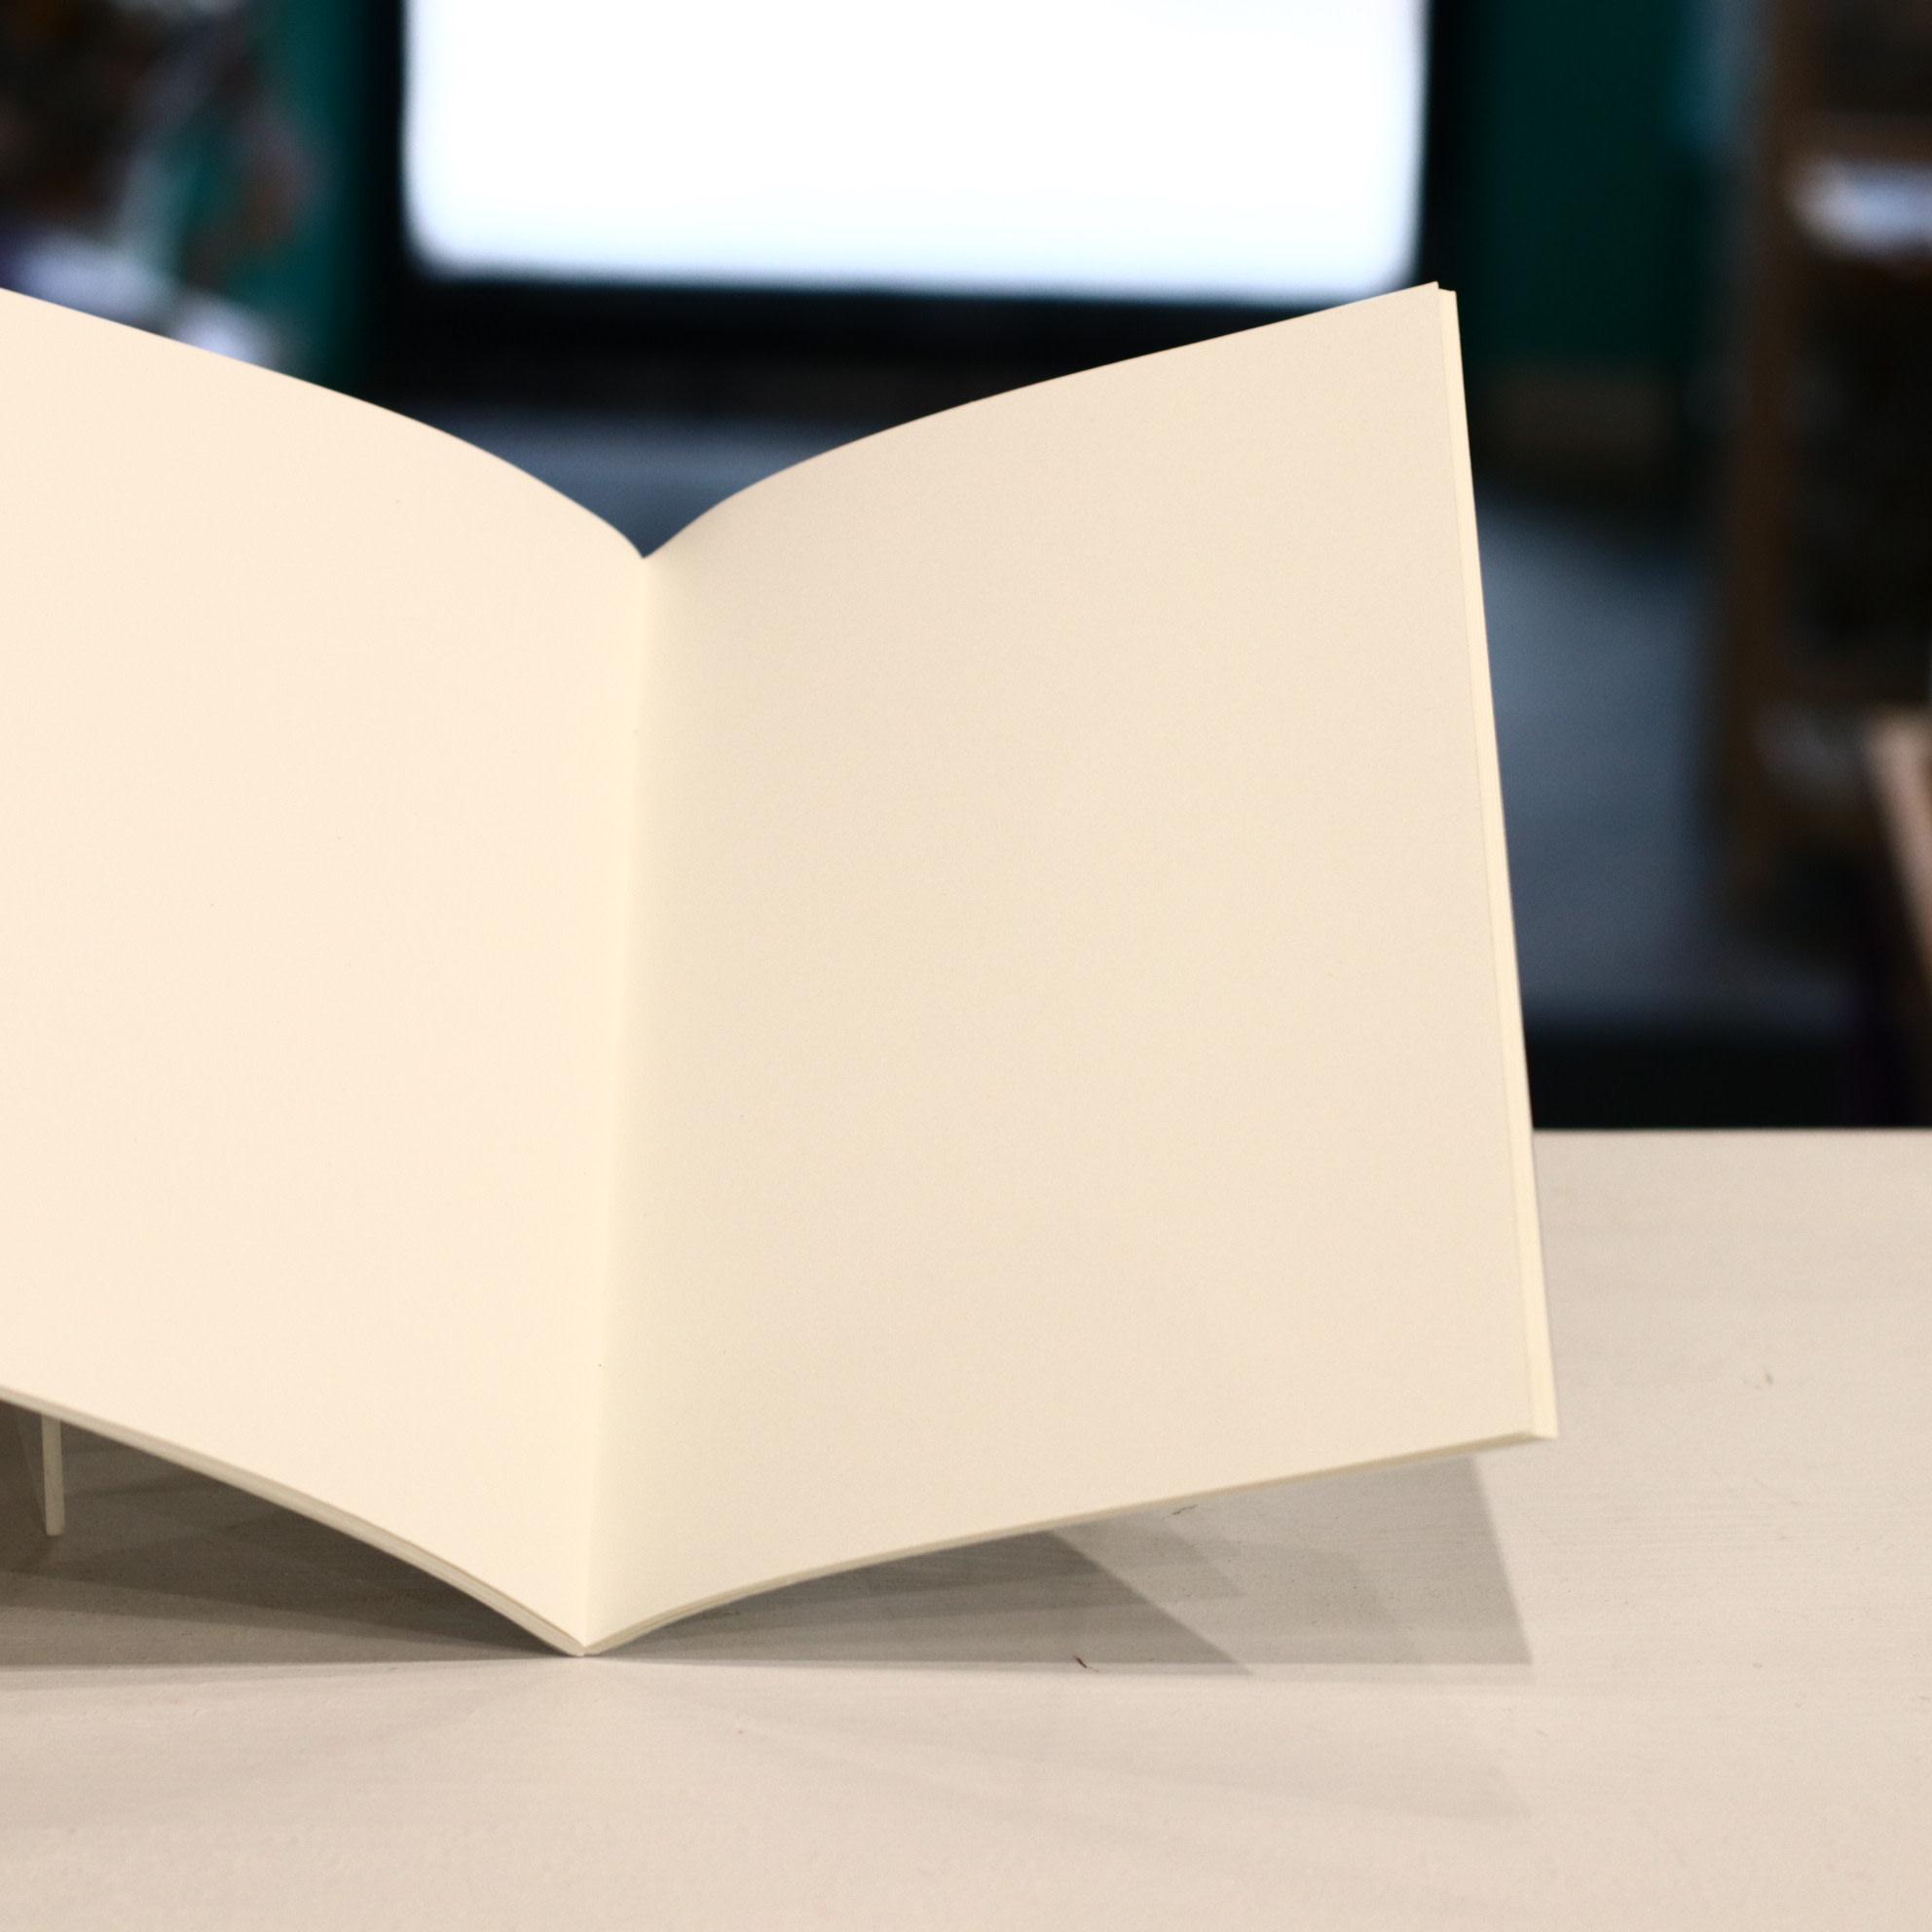 Jimen GN01-3216 Blank Notebook